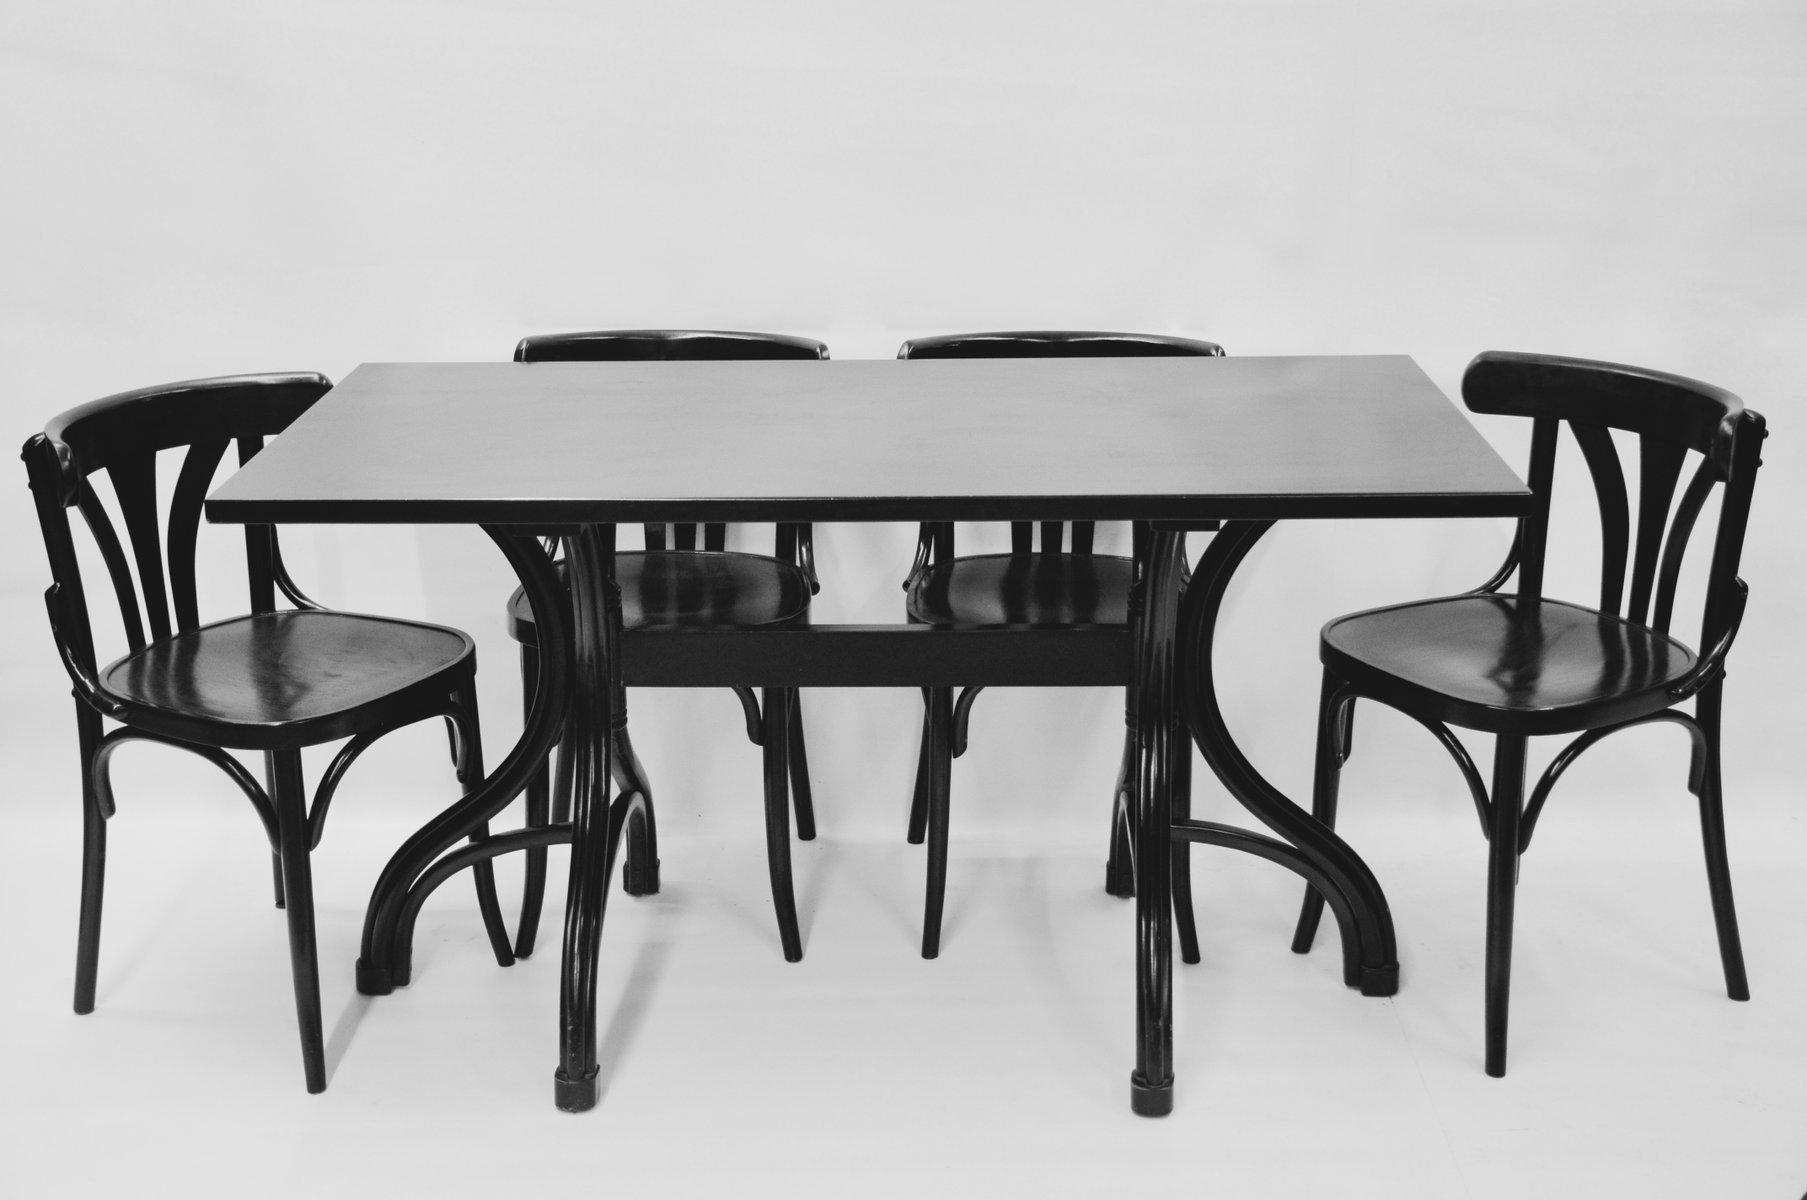 Tavolo in legno con 4 sedie di thonet anni 39 80 in vendita su pamono - Sedie per tavolo in legno ...